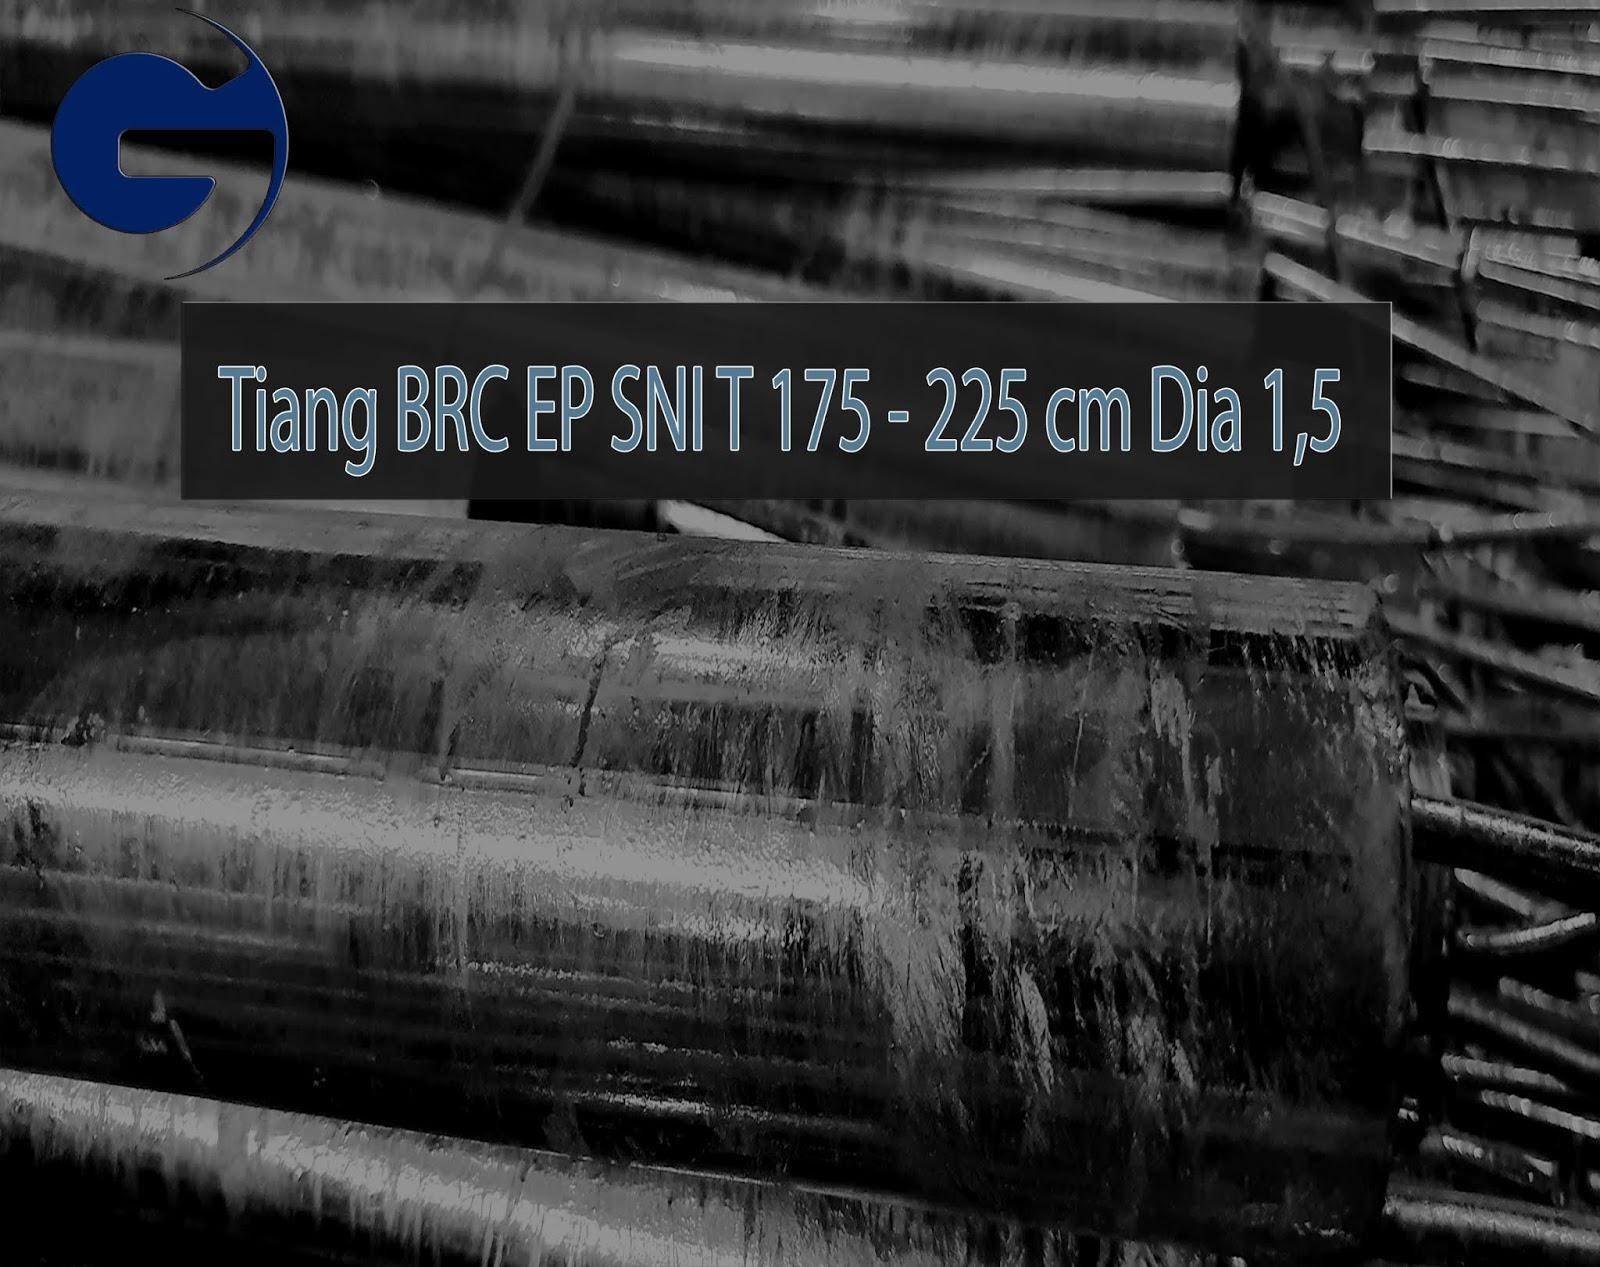 Jual Tiang BRC EP SNI T 225 CM Dia 1,5 Inch